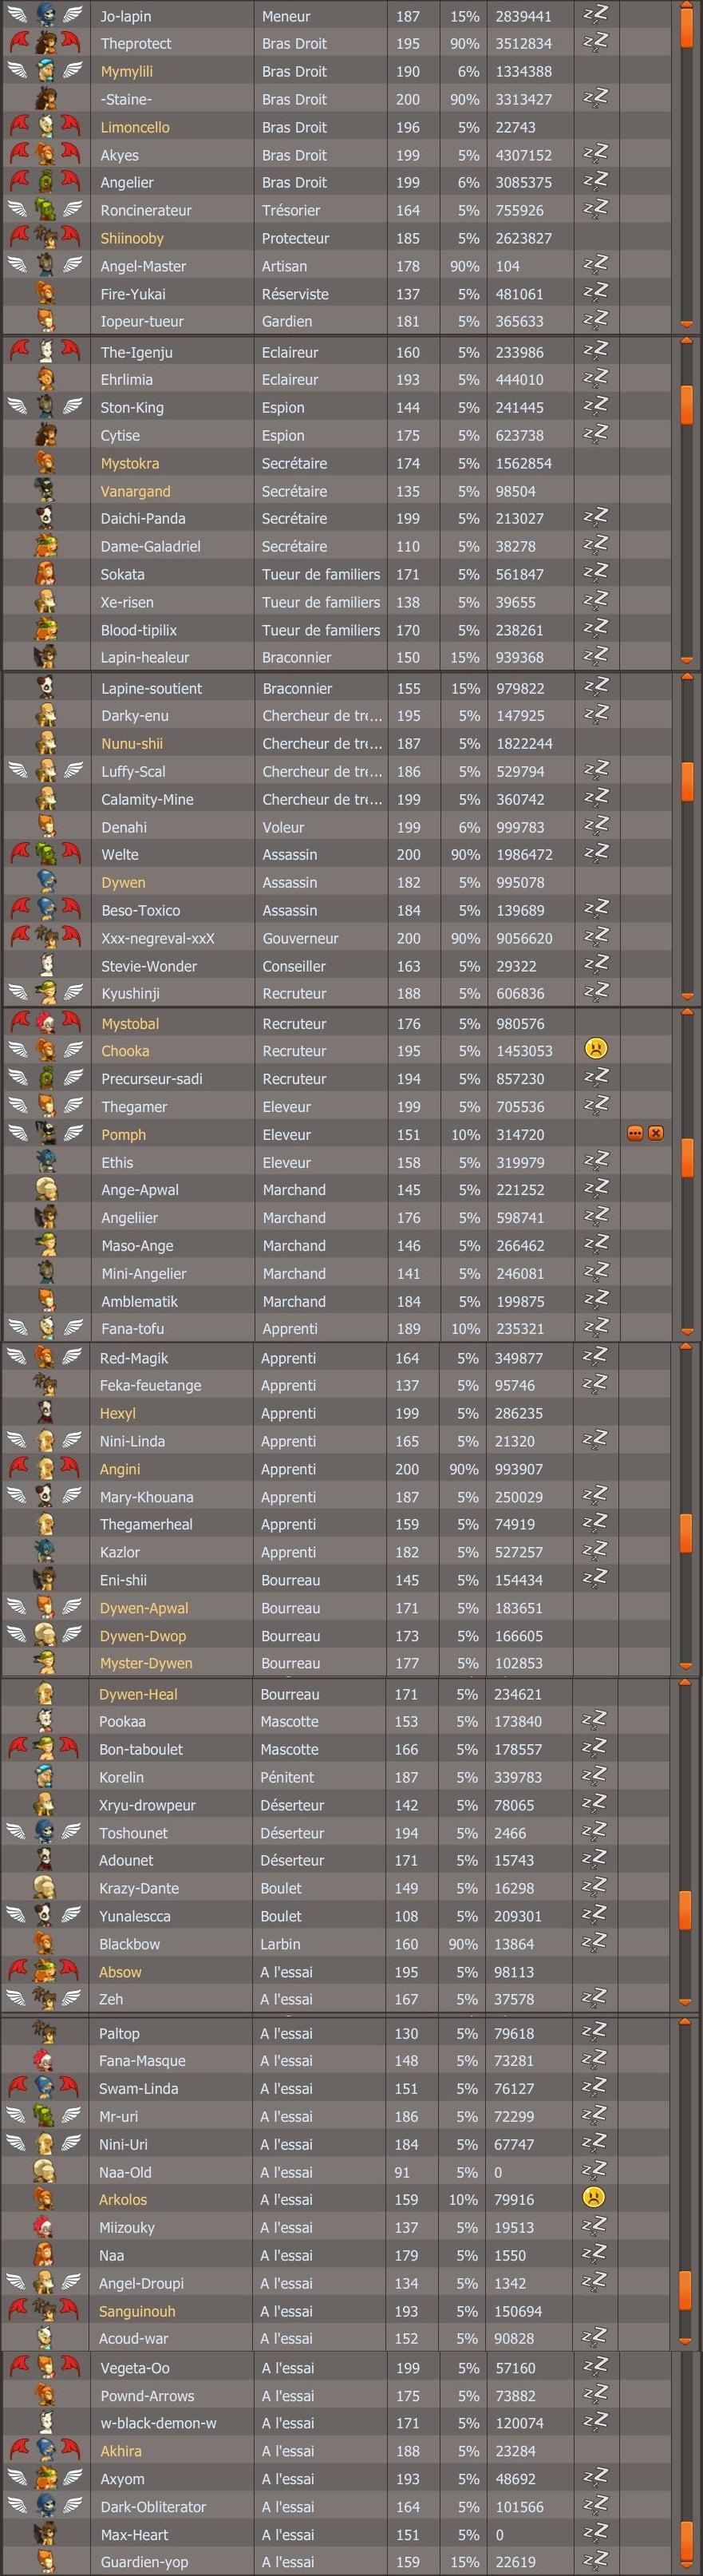 Les membres de la guilde mois après mois - Page 3 980259guildefevrier2012